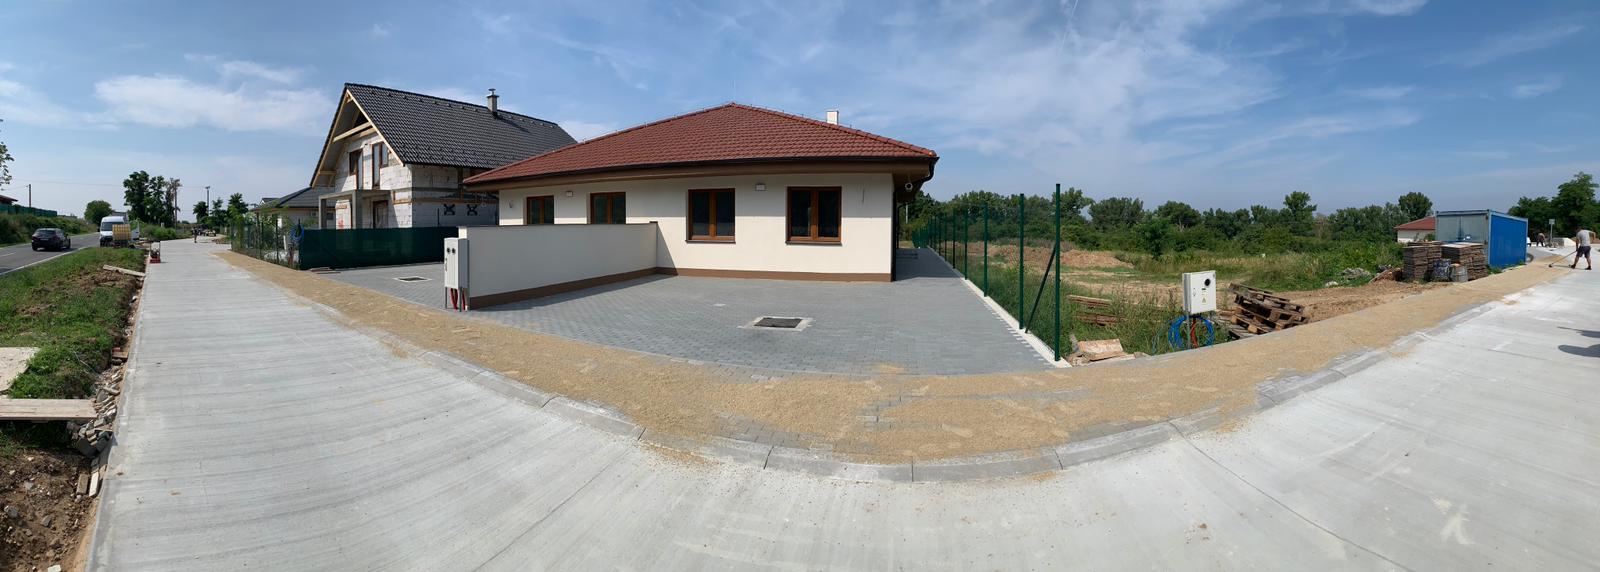 Malý dom s veľkou záhradou - Obrázok č. 3